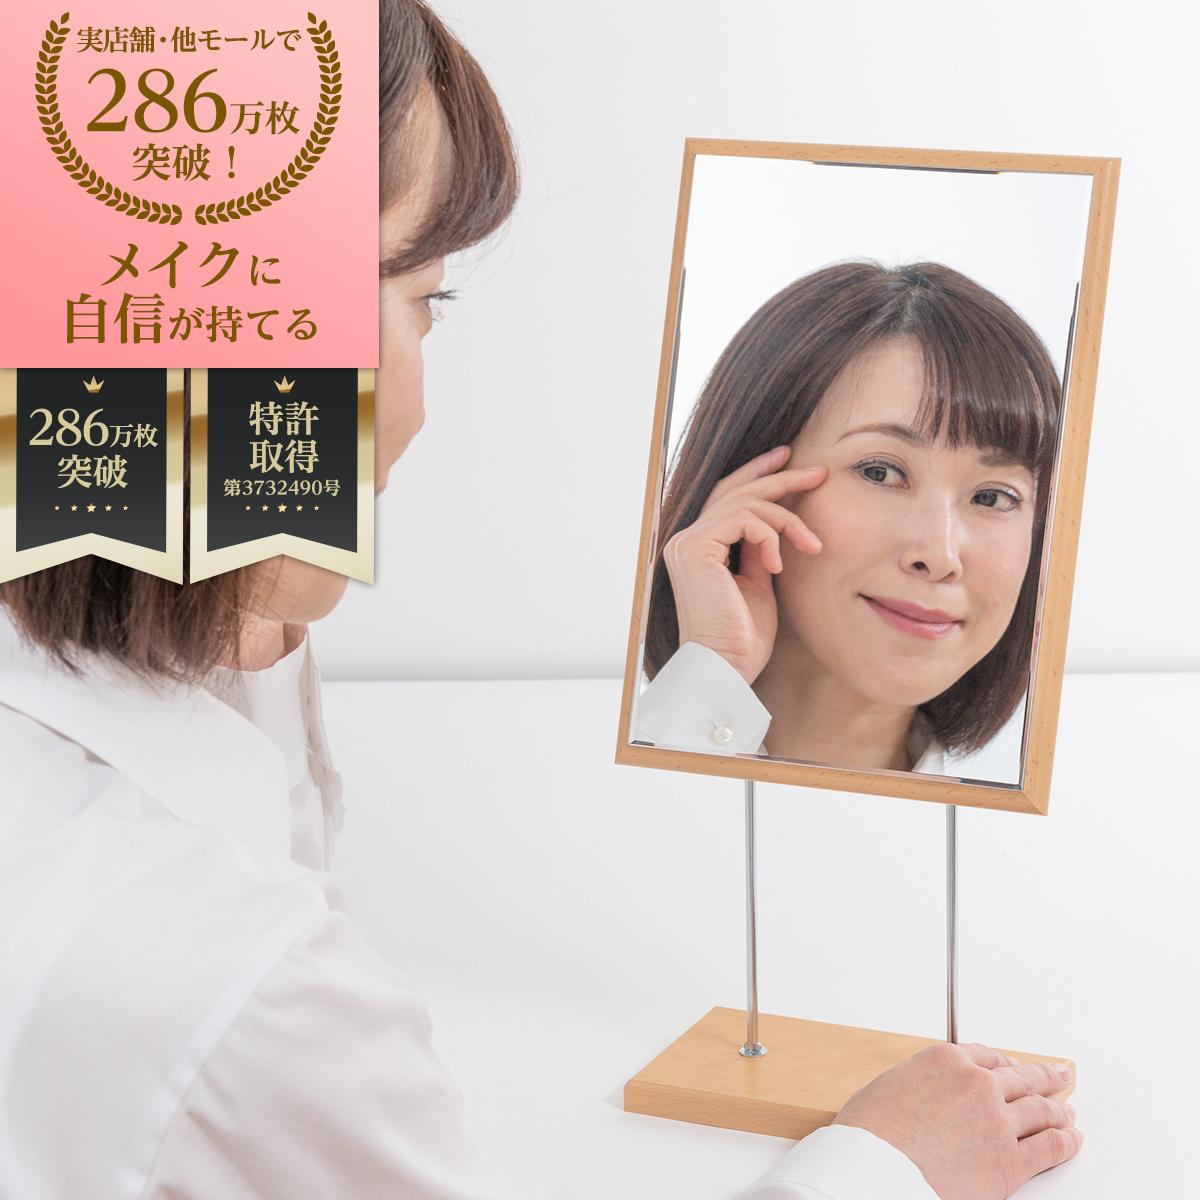 店内全品対象 送料無料 高さ調整 インテリア 使いやすい 大きい 自然は肌色 日本製 舗 コンパクト 特許 ナピュアミラー かわいい 堀内鏡工業 メイク 高さ2段階 NA-53 クリア 本当の肌色を映す ナピュア アジャスタブルスタンドミラー 化粧鏡 卓上鏡 かがみ 胸元まで映る